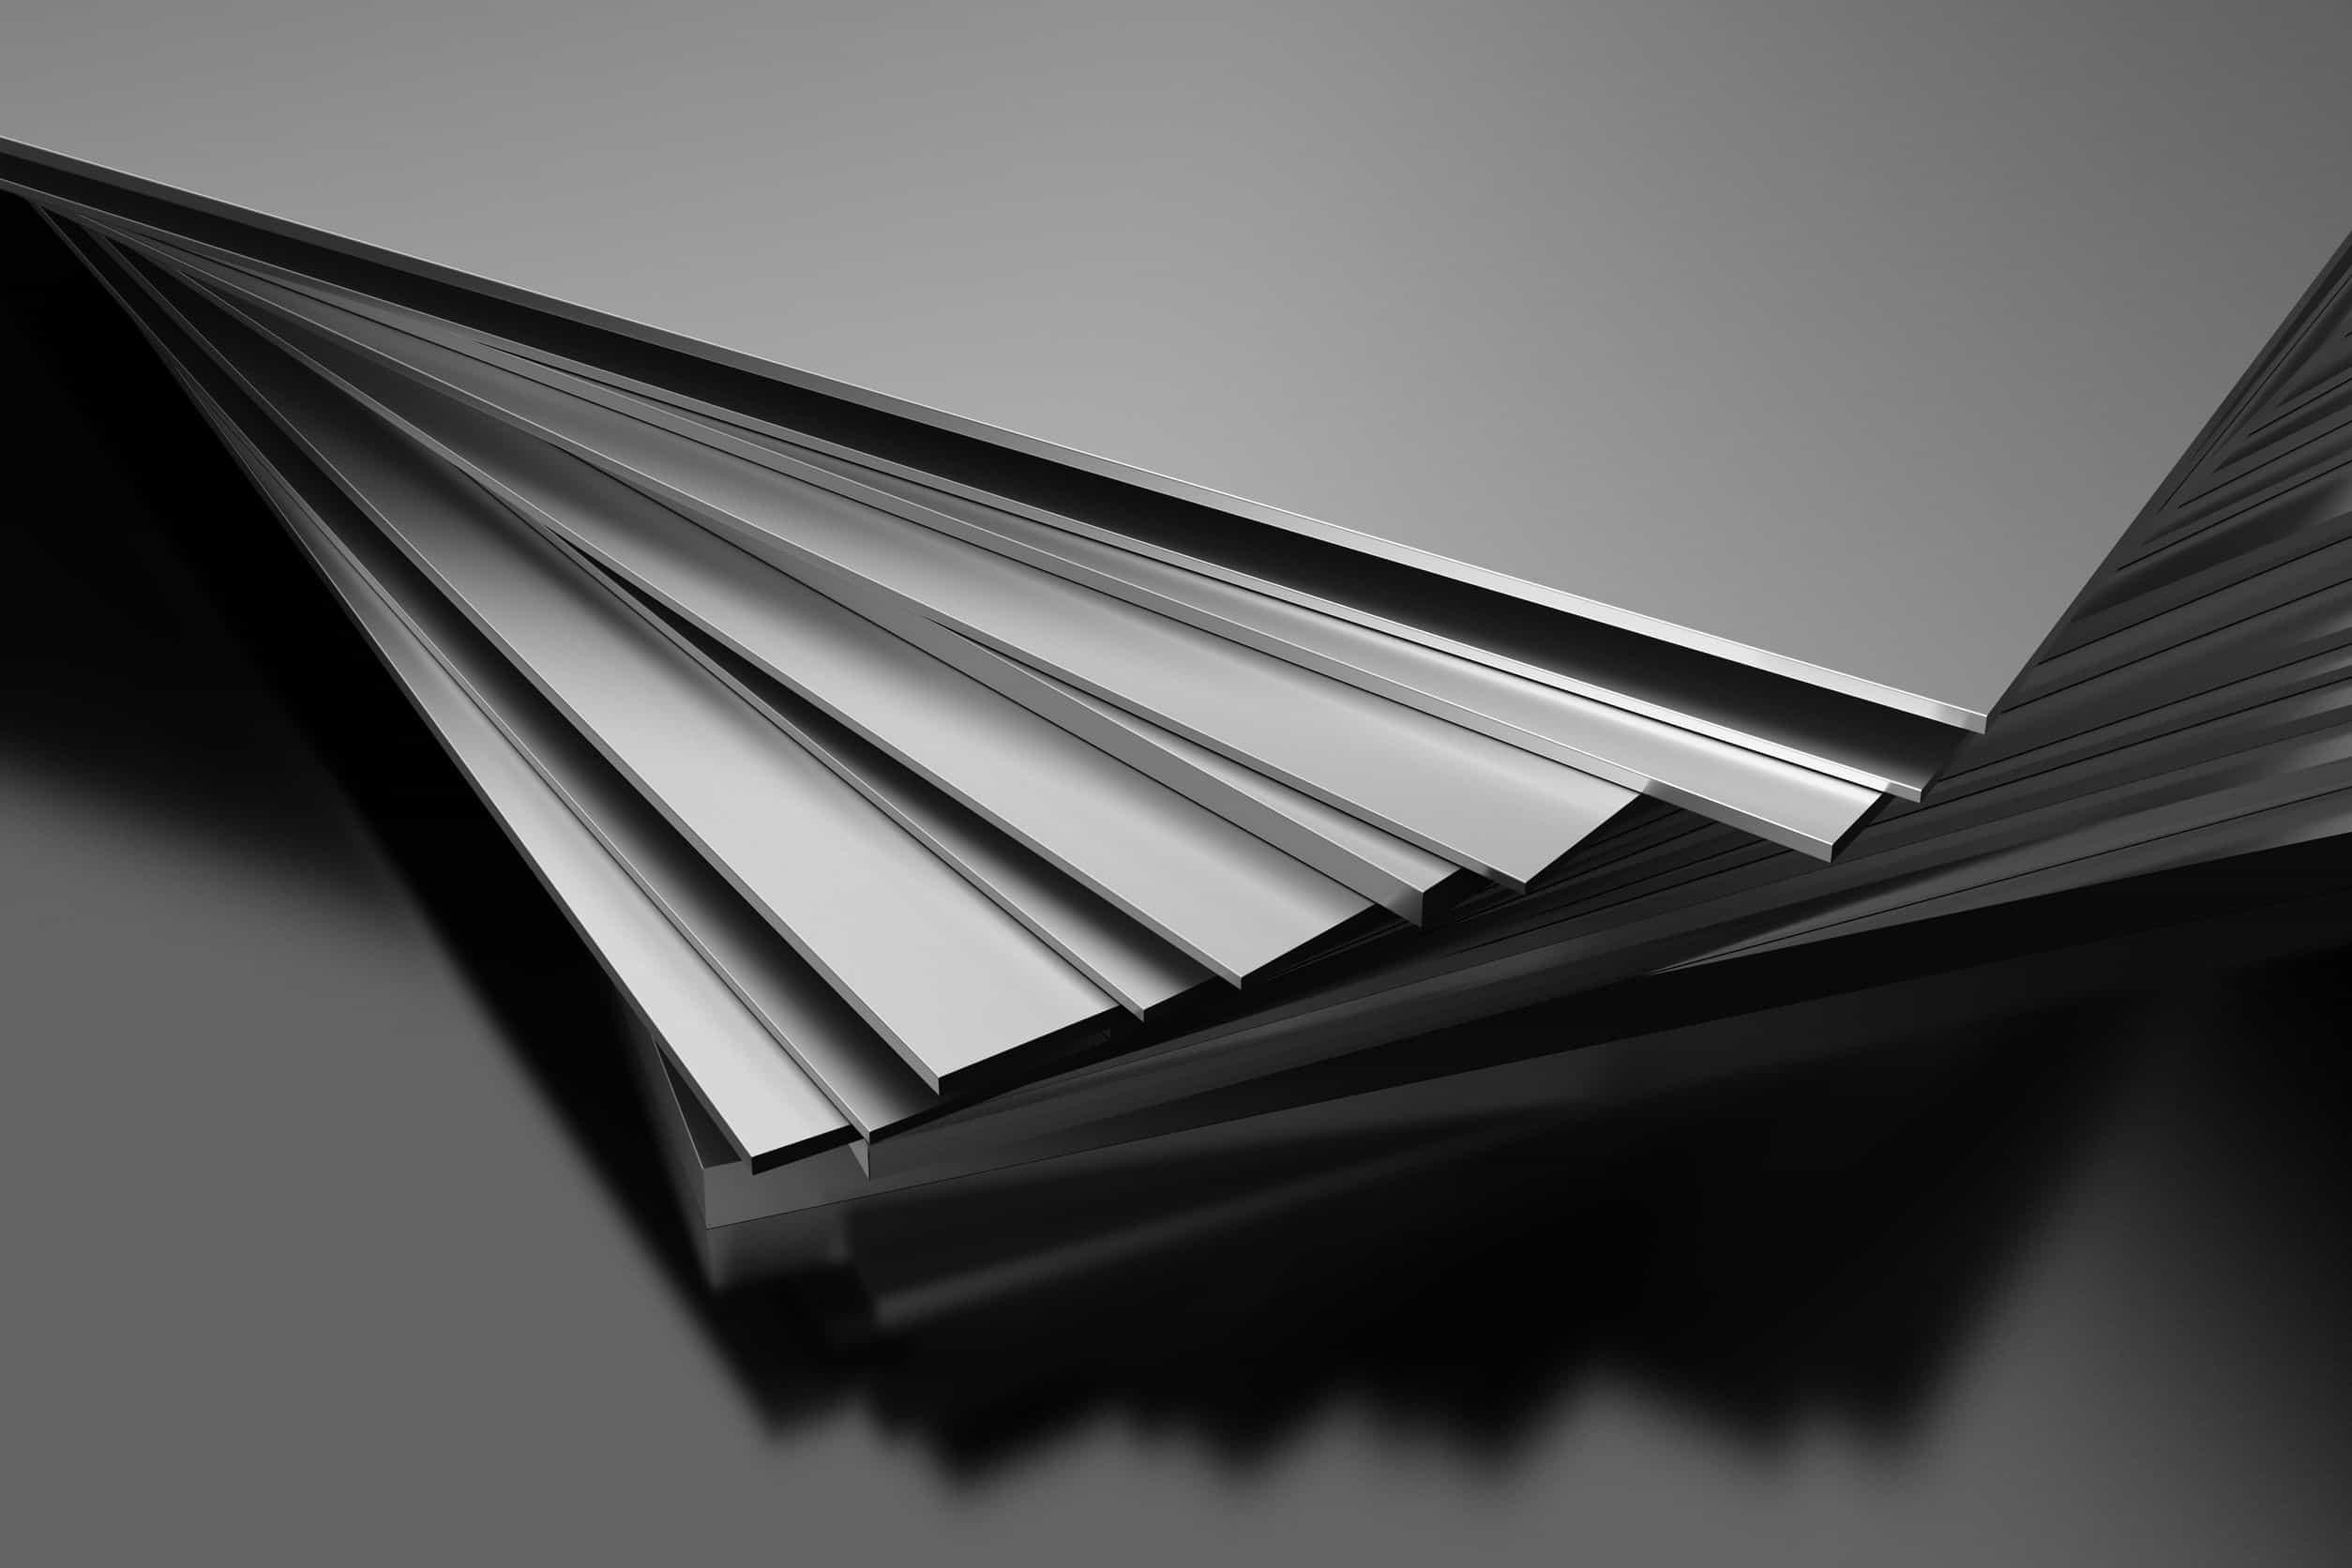 Metallkleber: Test & Empfehlungen (07/20)